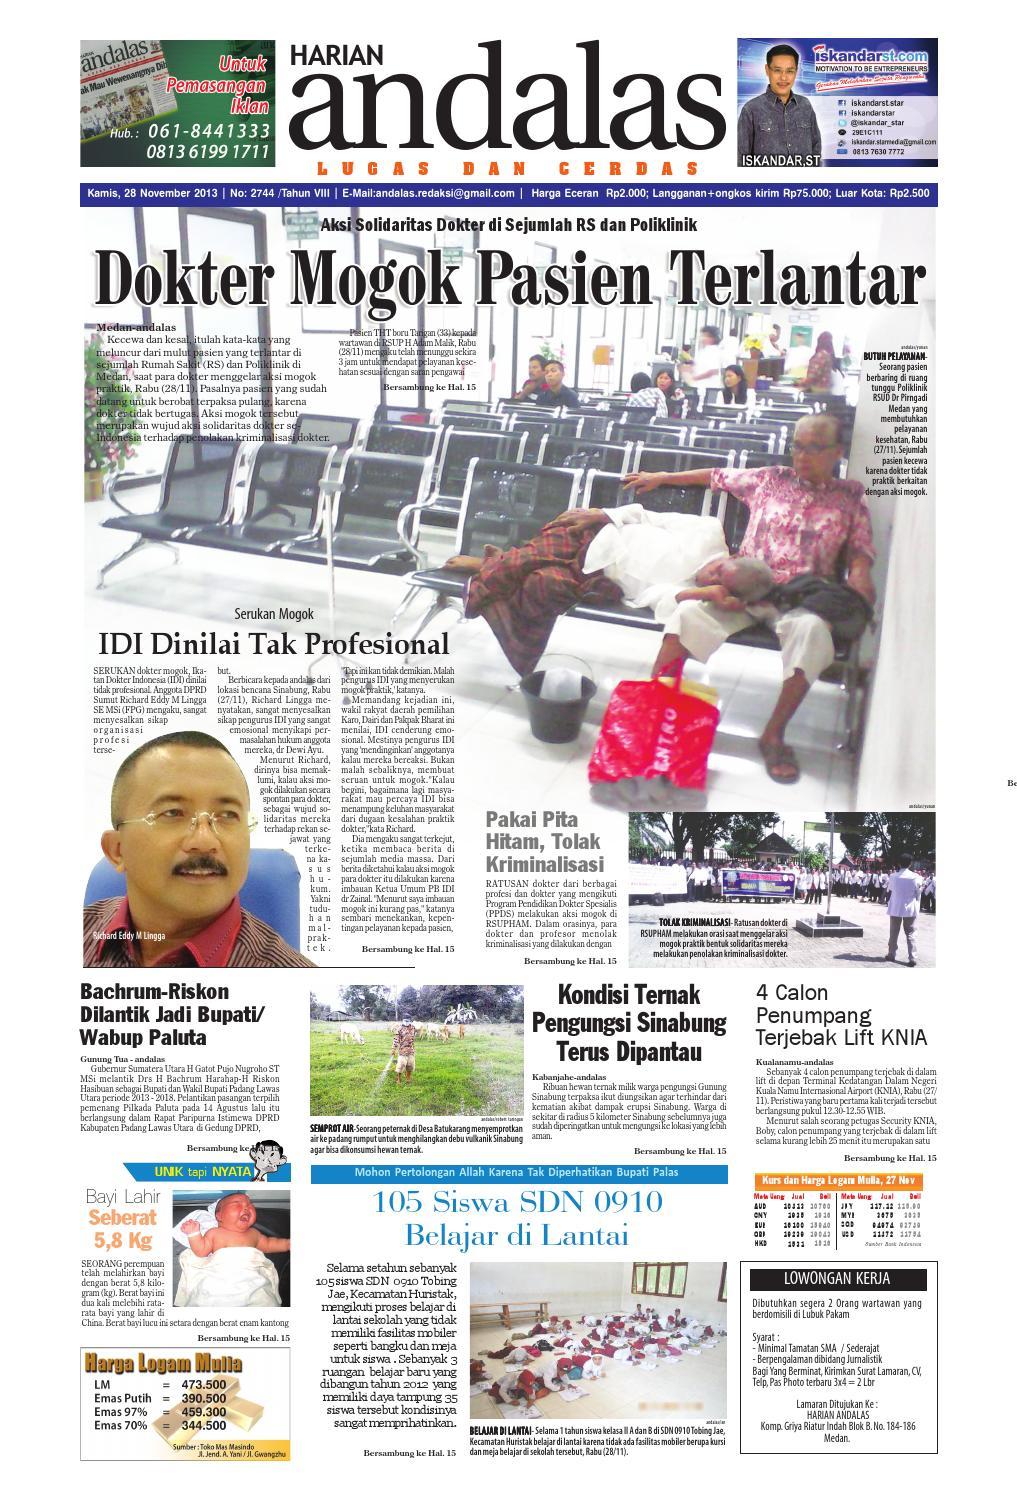 Epaper Andalas Edisi Kamis 28 November 2013 By Media Andalas